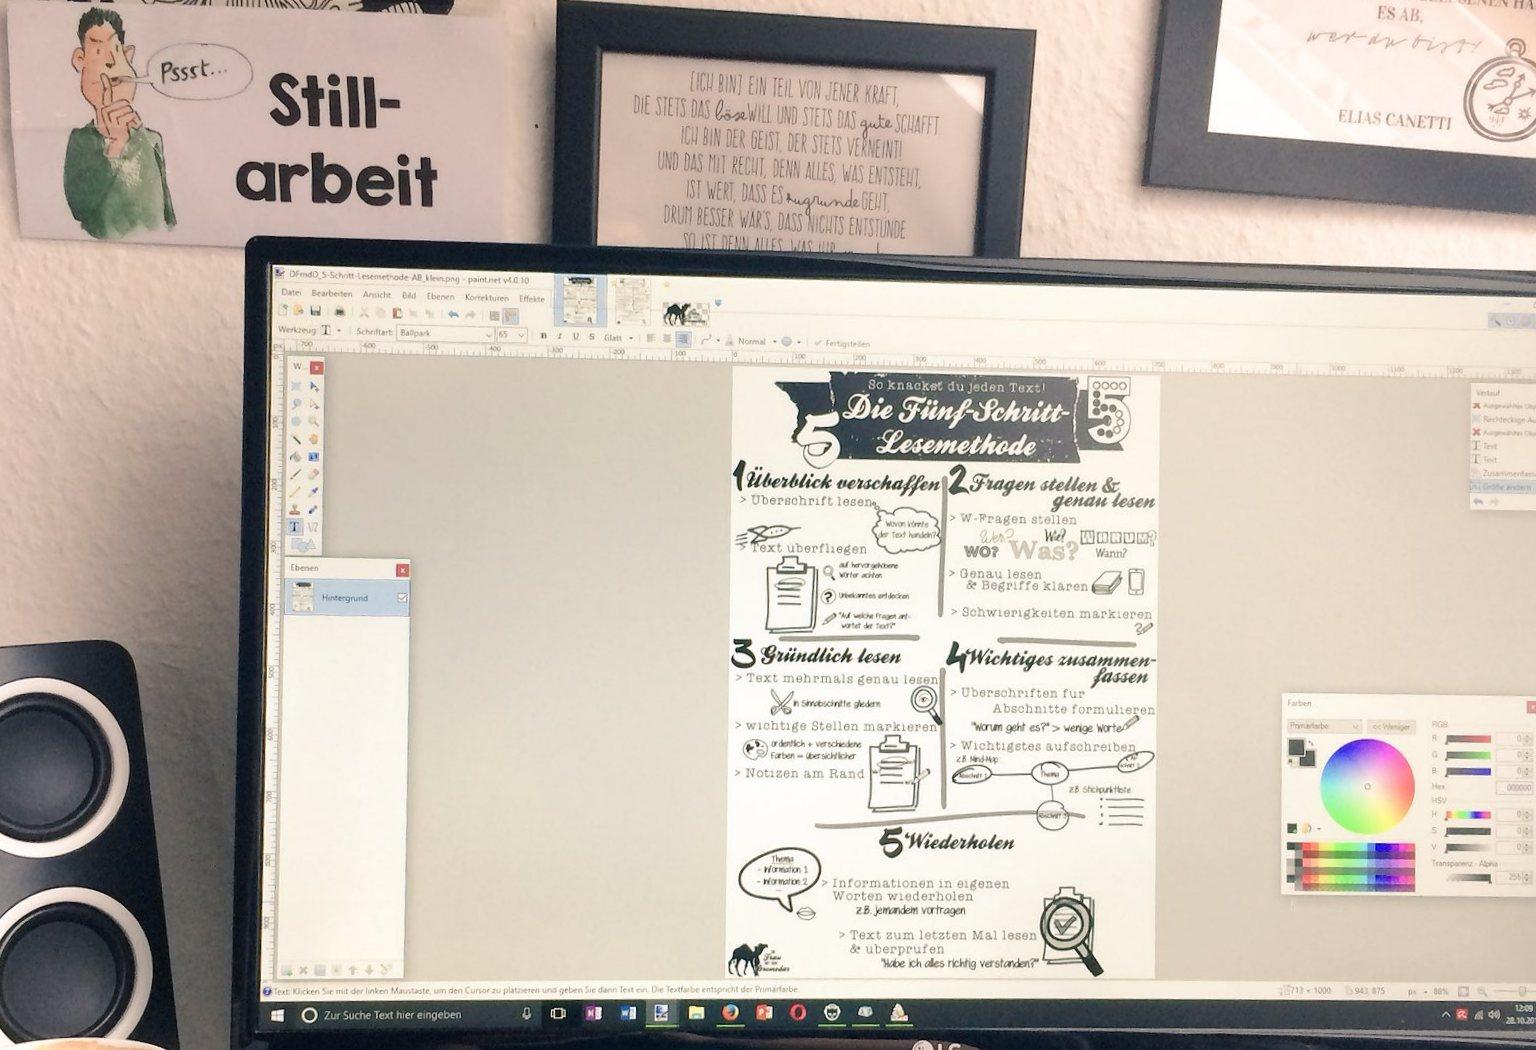 Die Fünf-Schritt-Lesemethode als Sketchnote-Arbeitsblatt